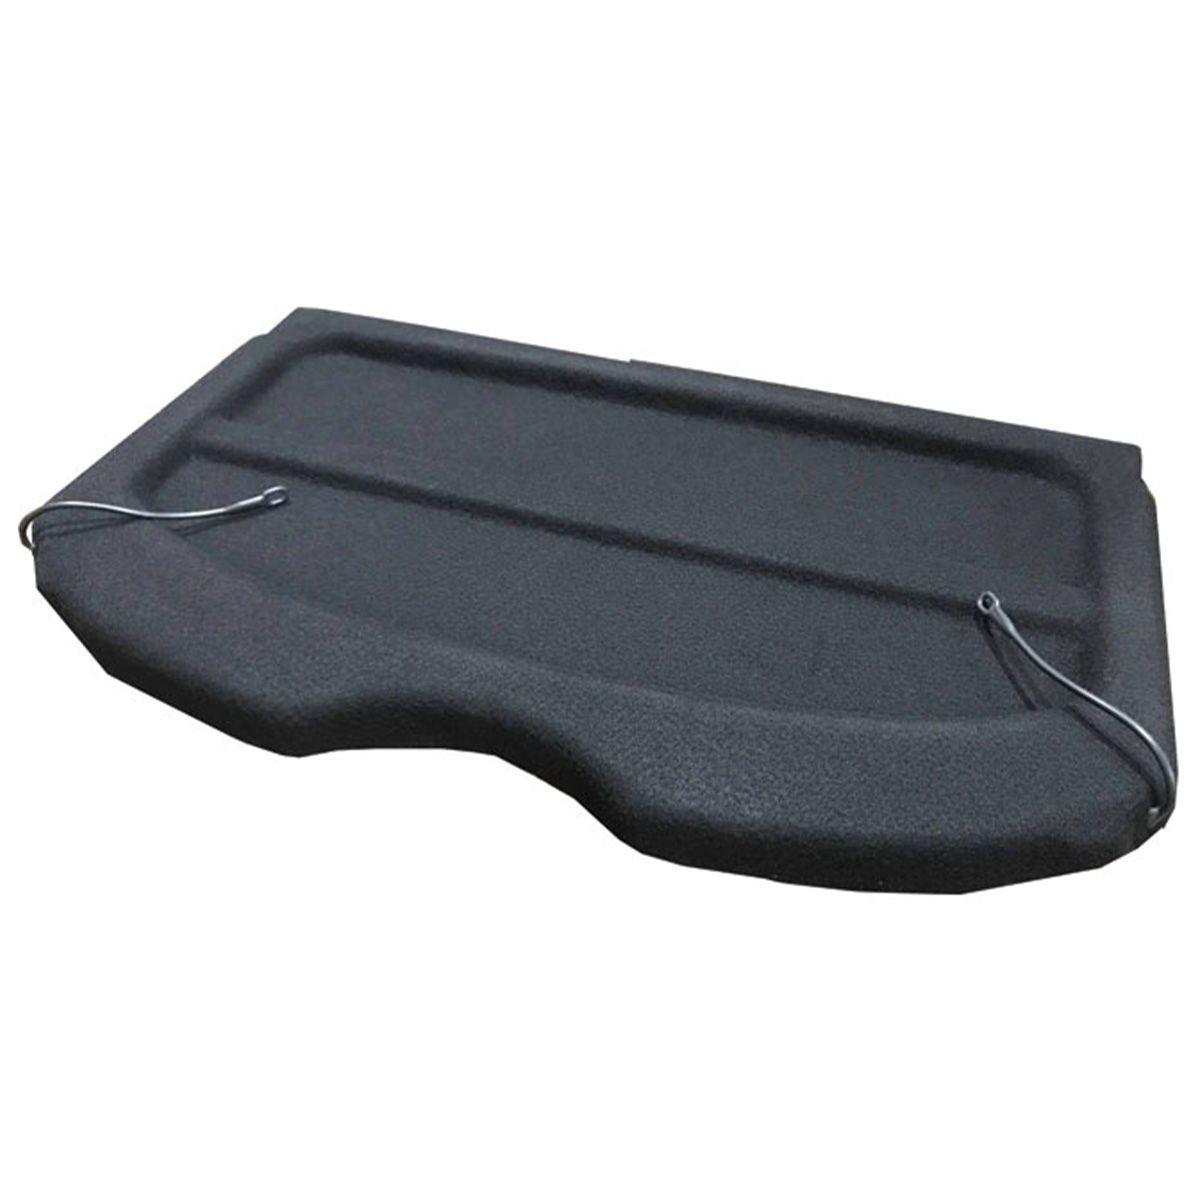 Tampão de Porta-Malas Kicks em Plástico PEAD com Carpete